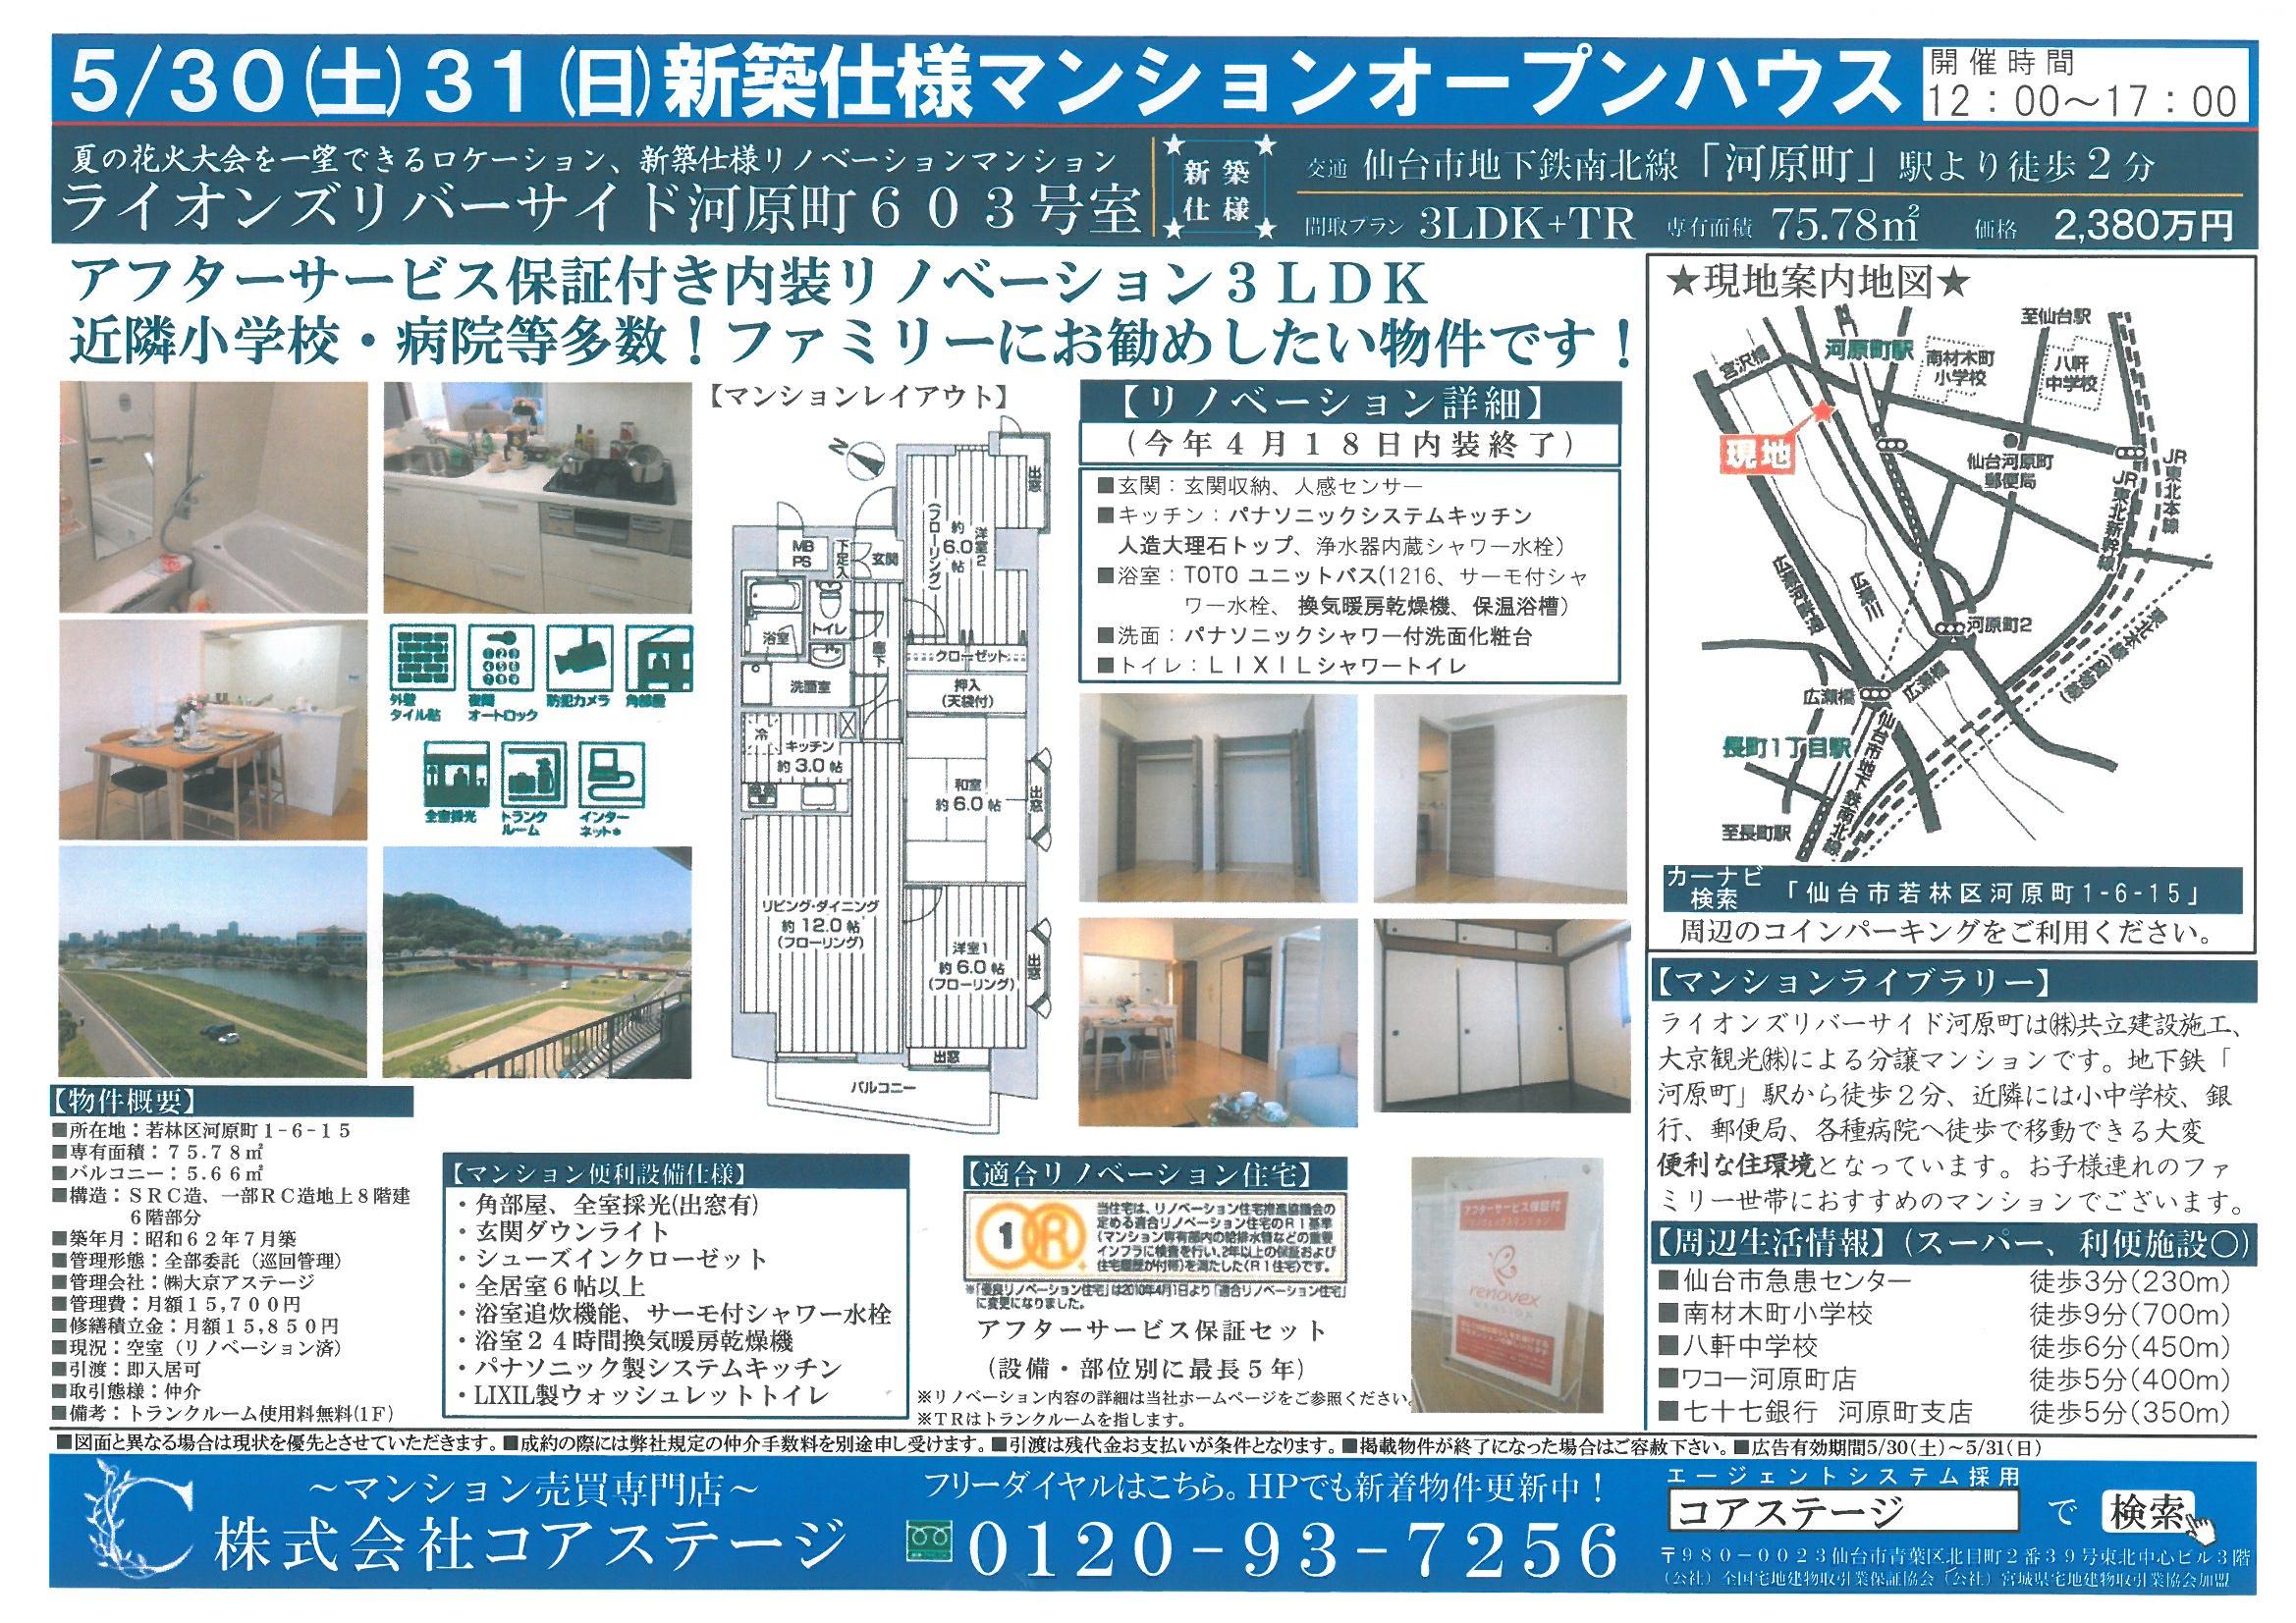 5/30(土)、31(日)オープンハウス情報!